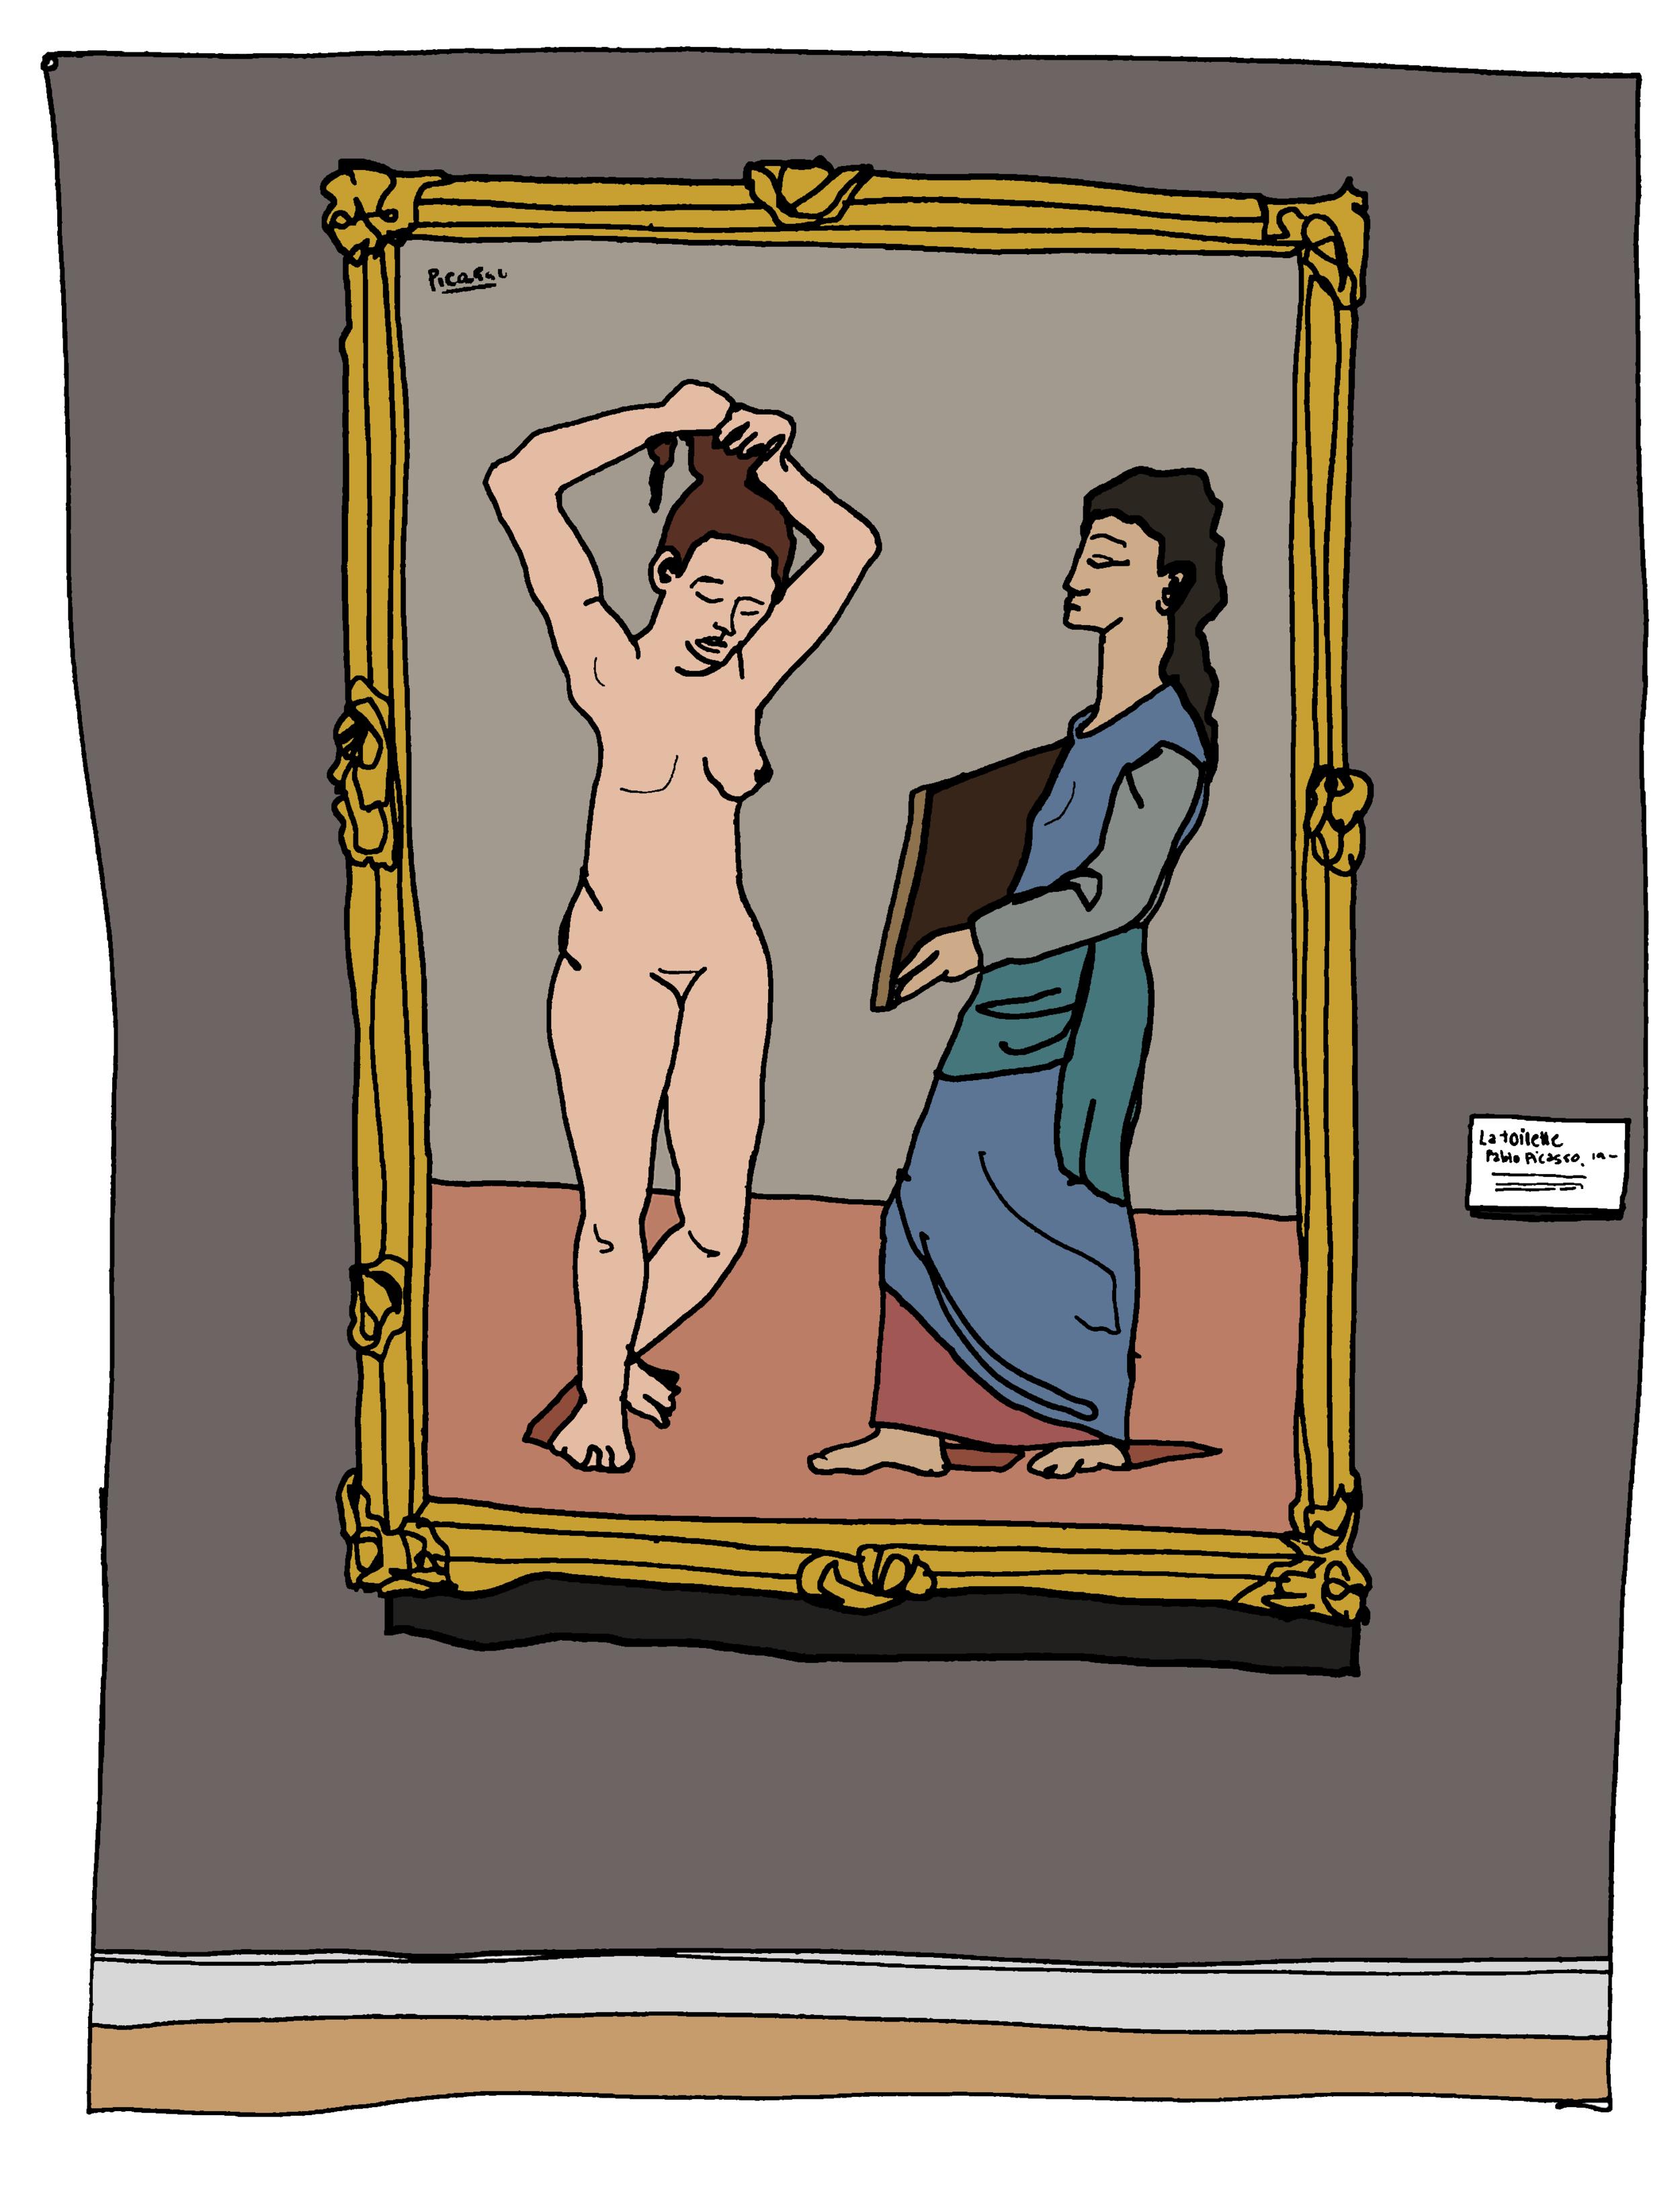 La Toilette, Picasso